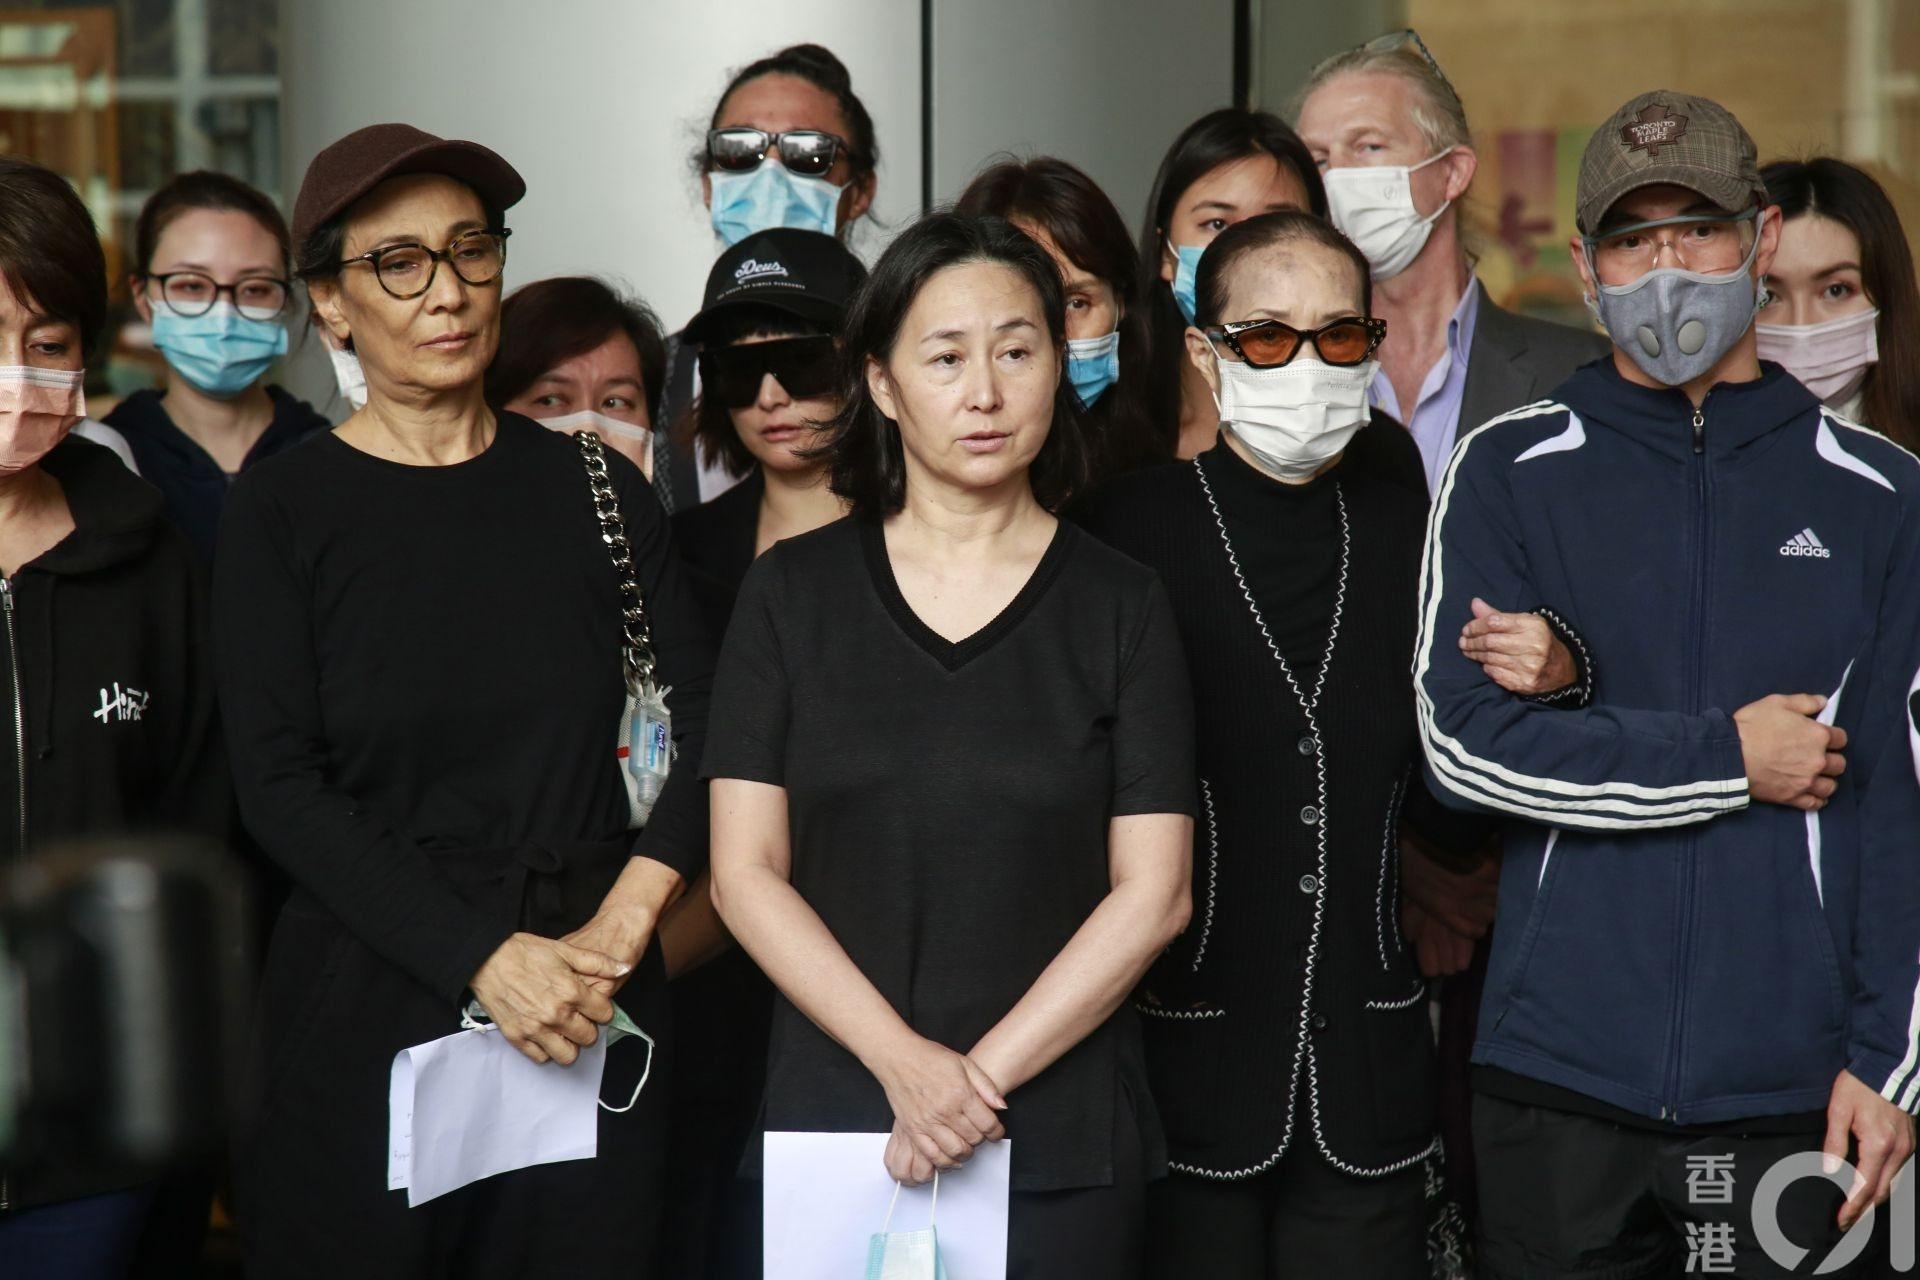 5月26日,何鸿燊逝世,他的子女齐现身见记者,由二房长女何超琼(左三)以中文交代,长房的何超贤(左二)亦英文发言。